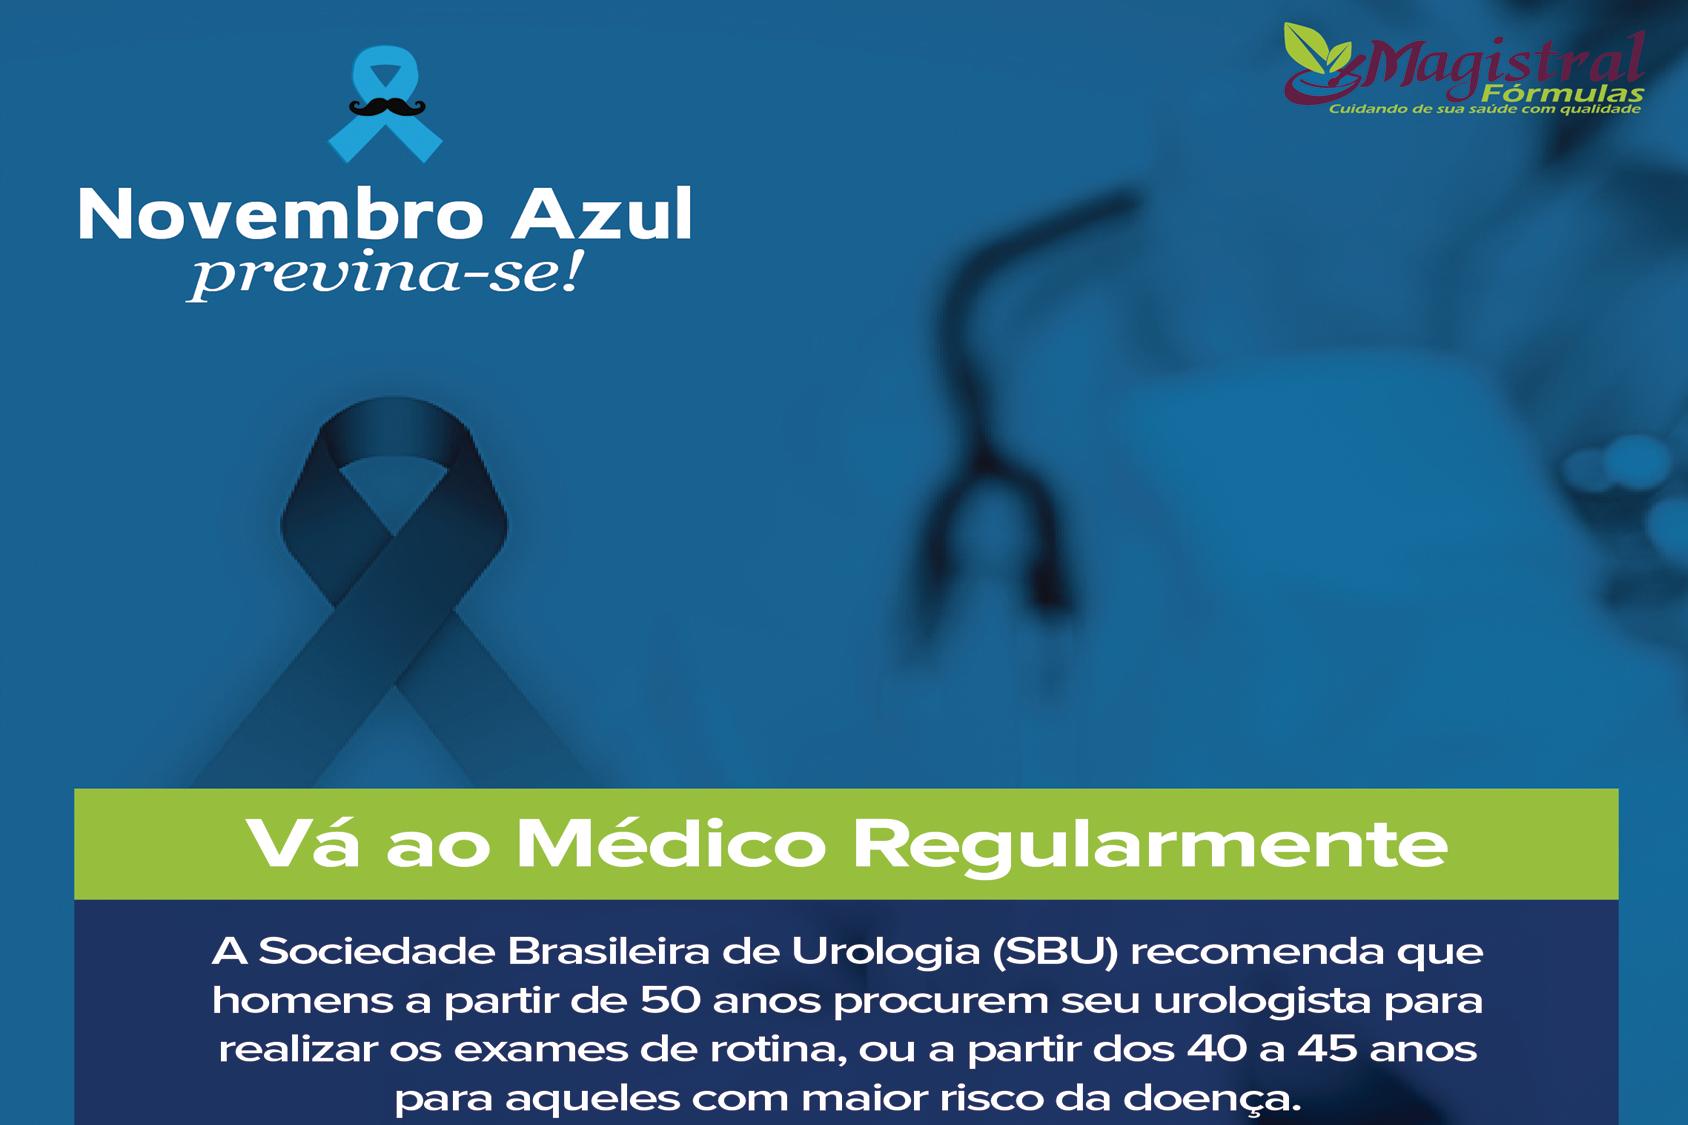 Matérias-Novembro-Azul-Va-Ao-Medico-Regularmente